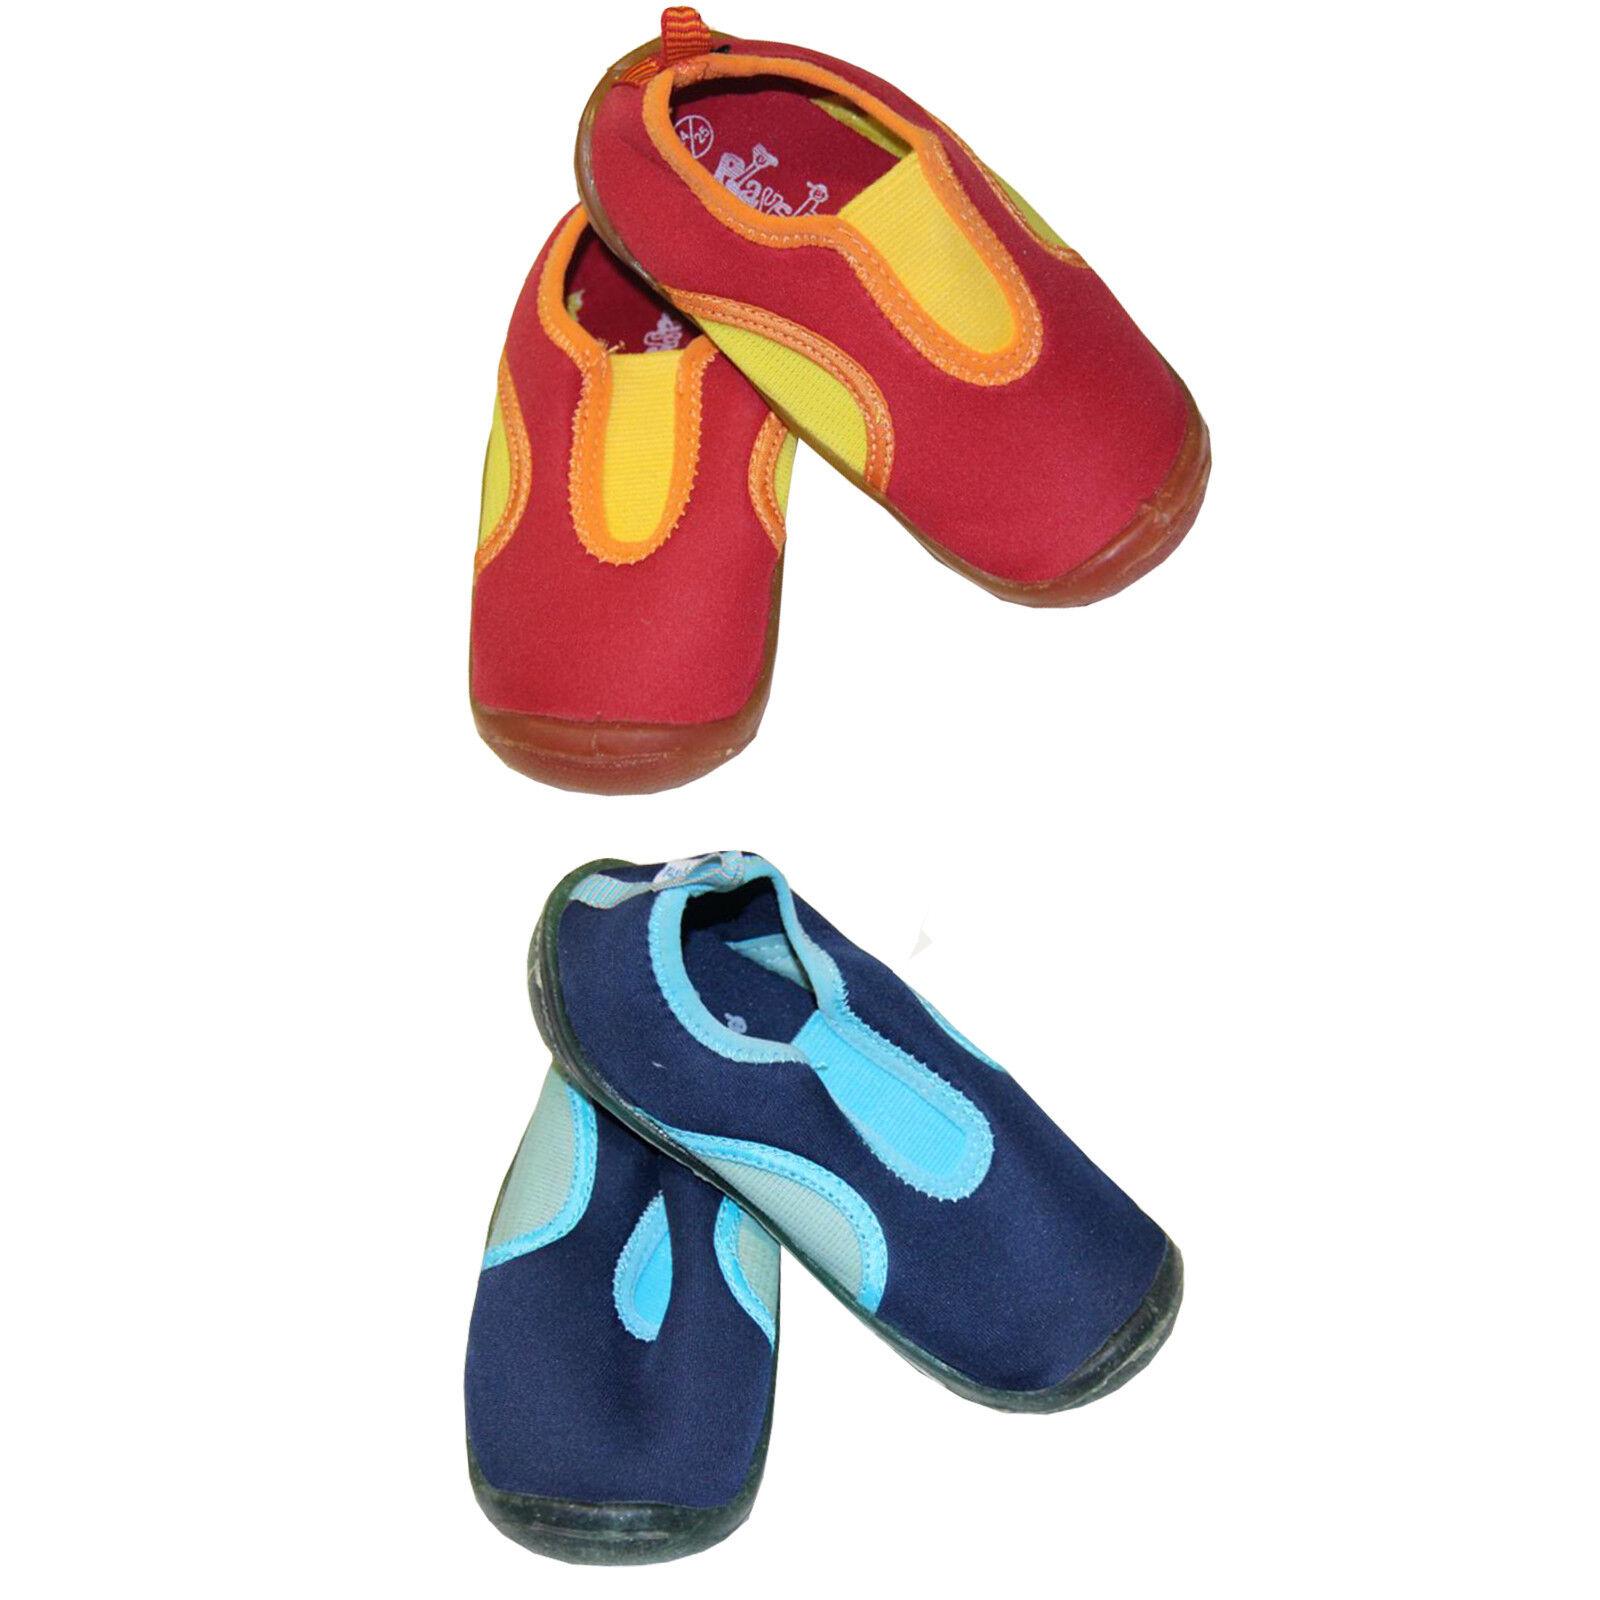 Kinder Badeschuhe Strandschuhe Surfsschuhe Aquaschuhe Rutschfest Blau